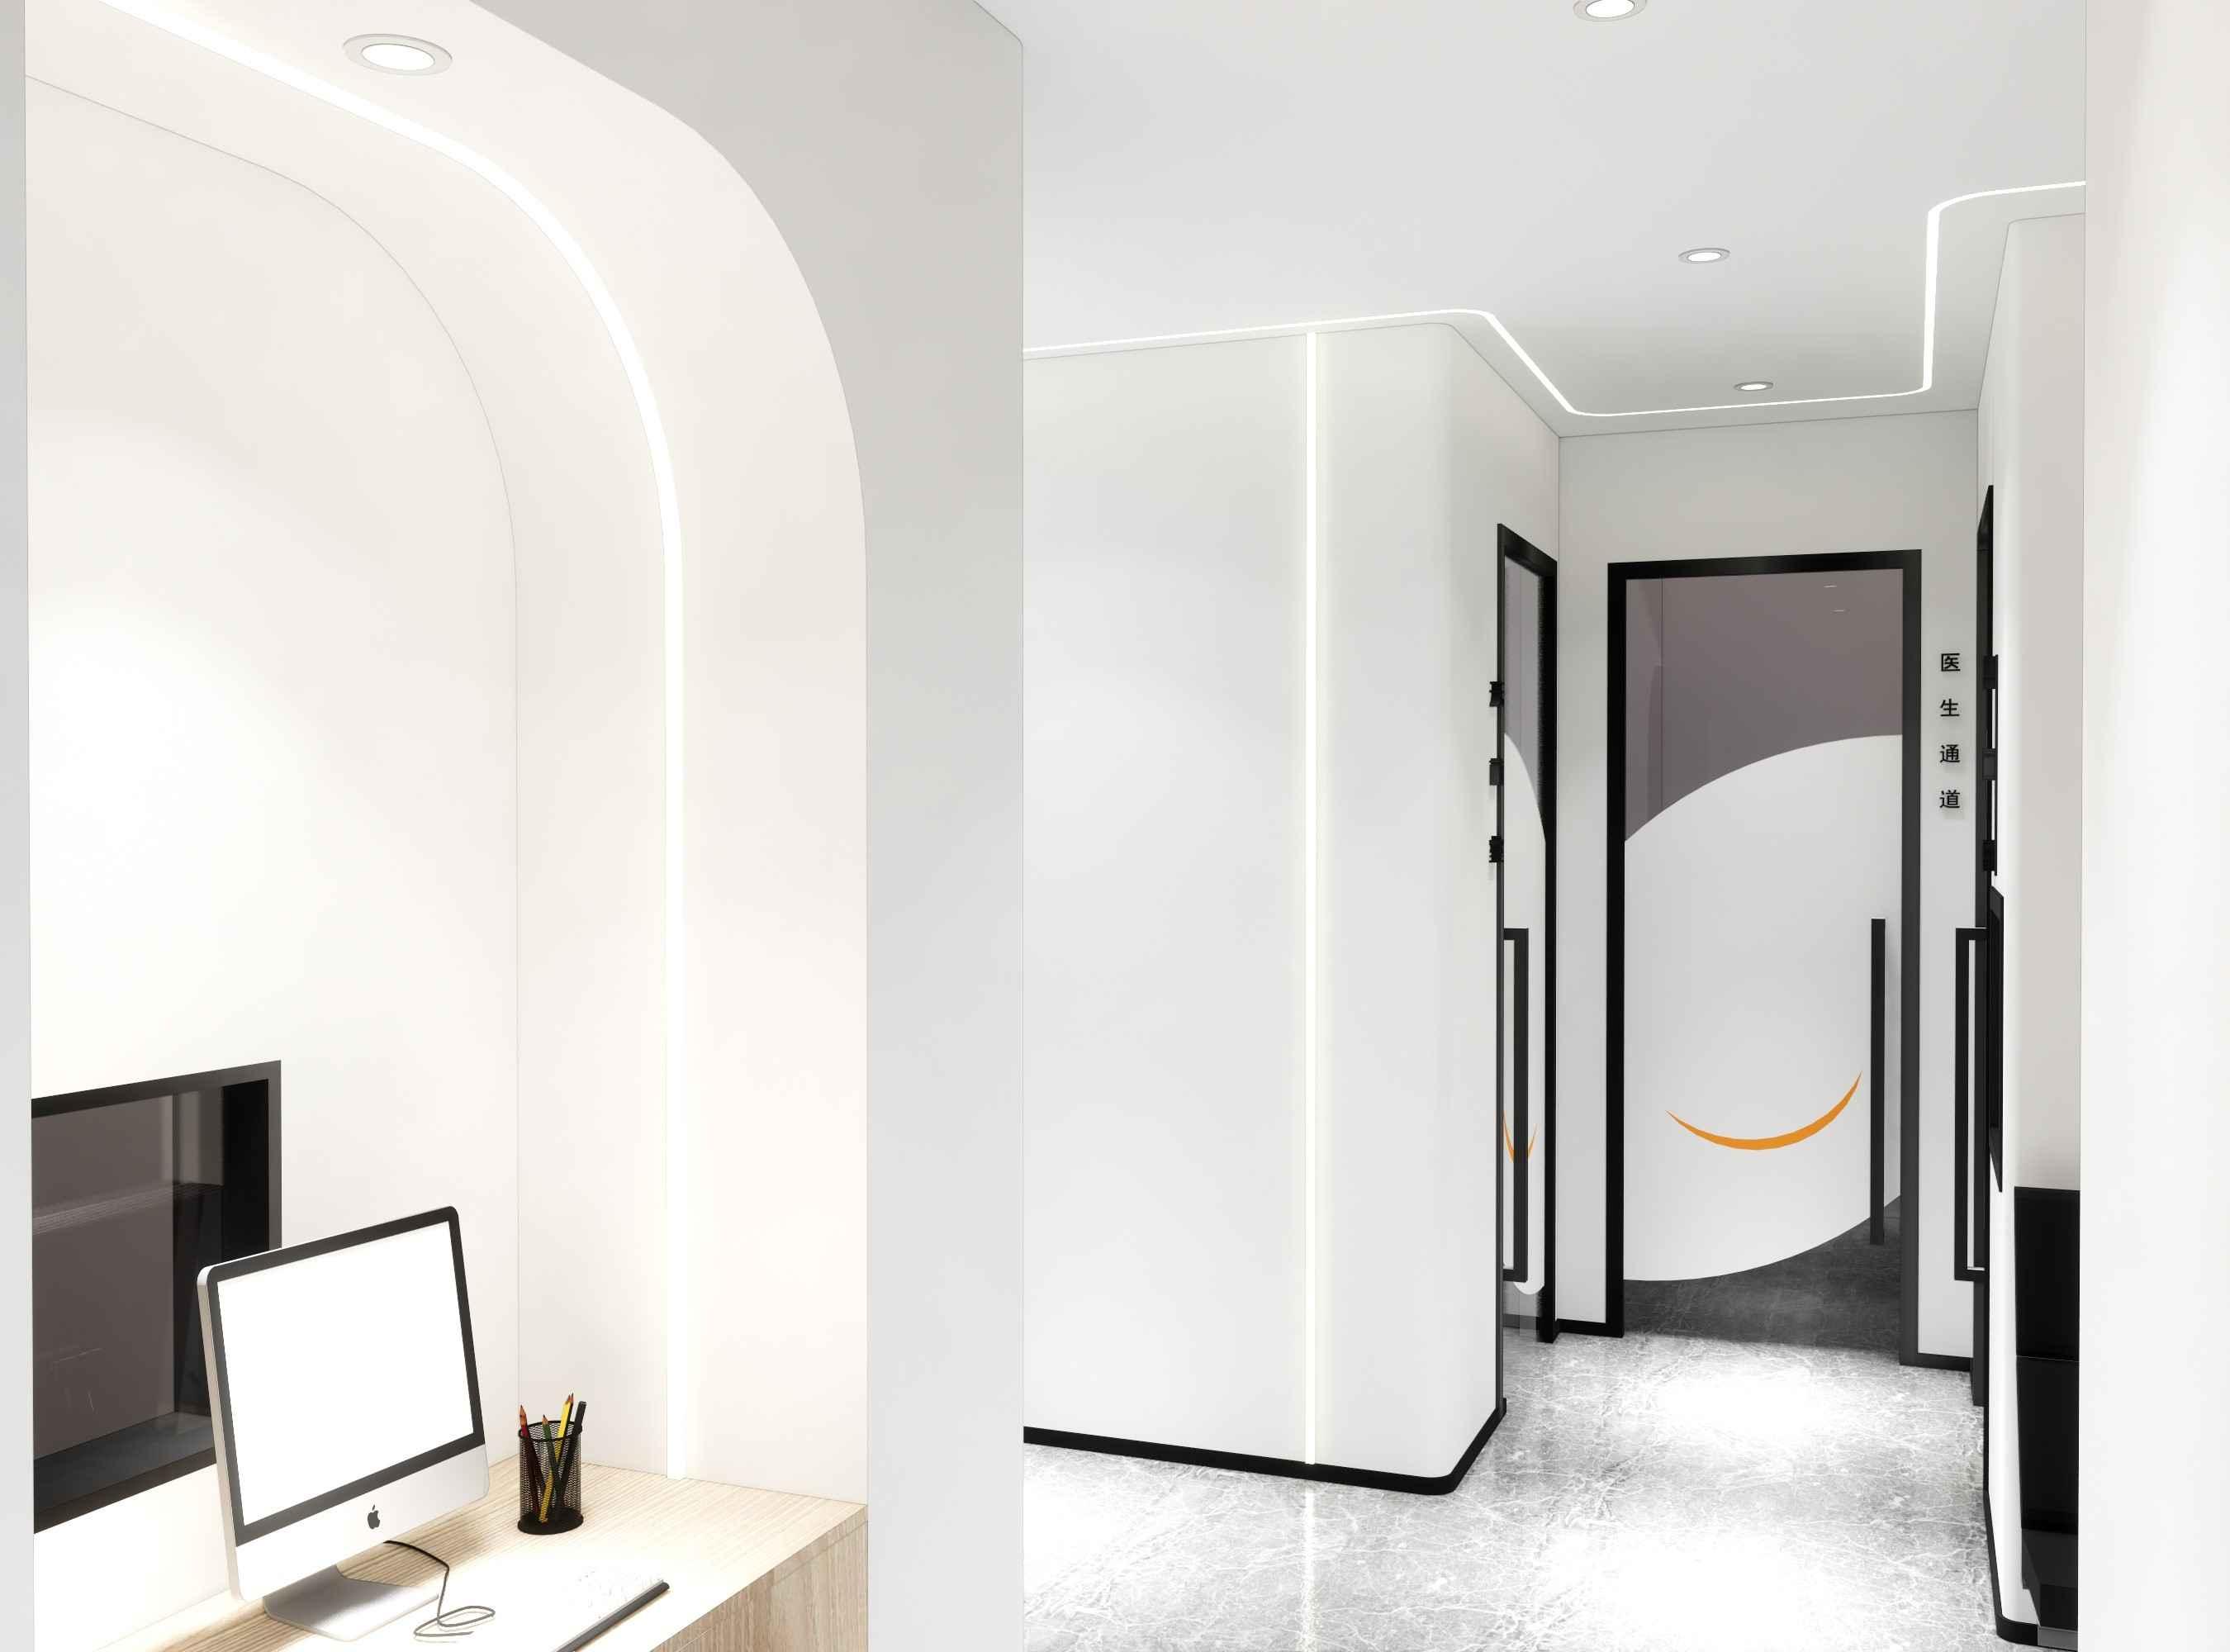 白色为主的设计,能使屋内环境显得干净简洁,白色高端,不仅要定位风格和档次,还要表现出诊所独特的个性,突出诊所的专业特诊和文化氛围,做出自己的特色,有属于自己的风格。